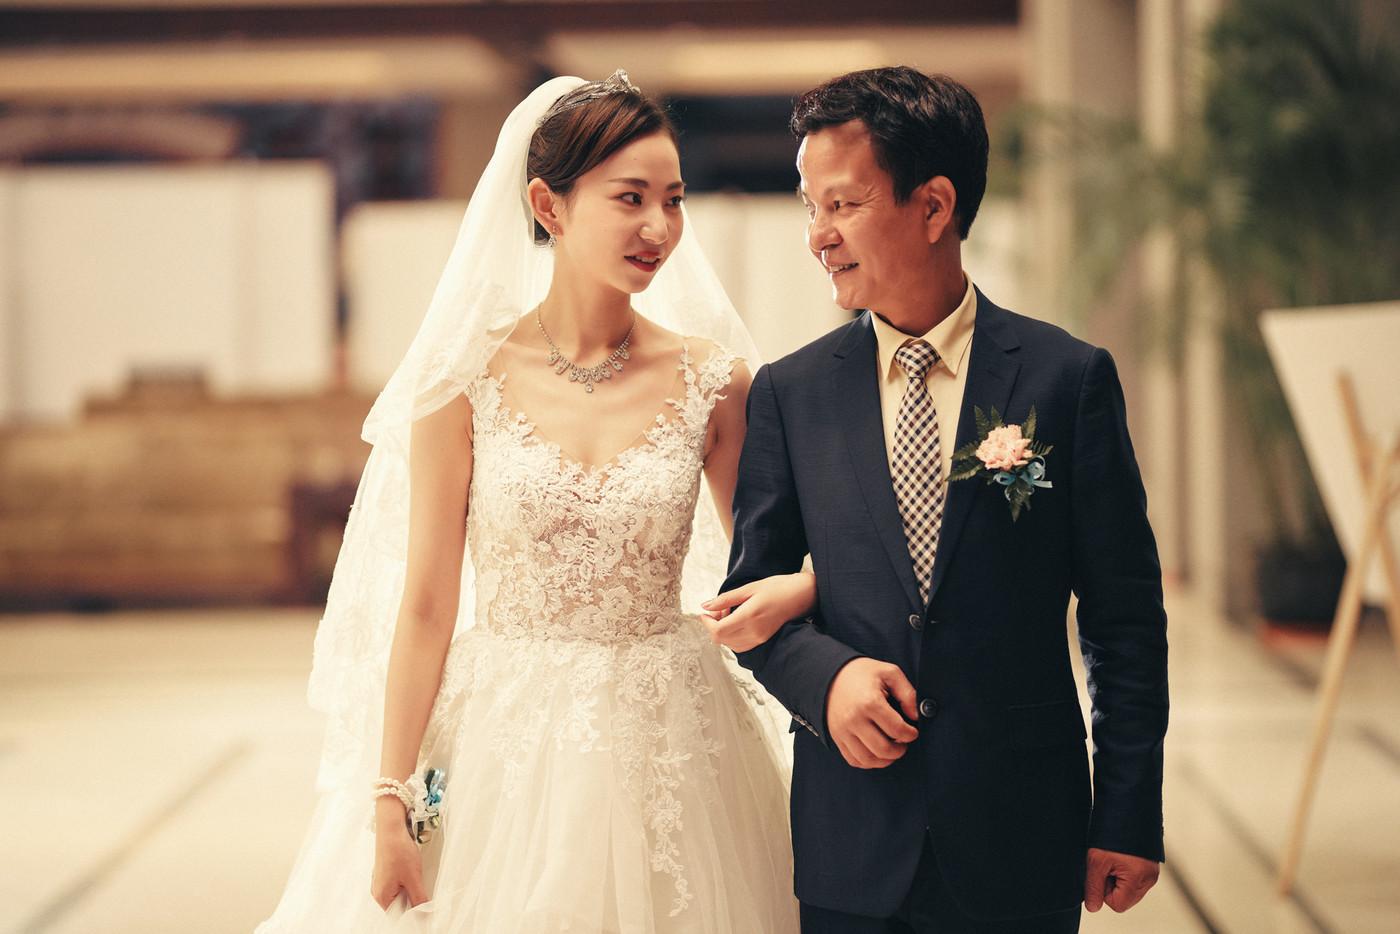 【KAI 婚礼纪实】P&S 南京婚礼50